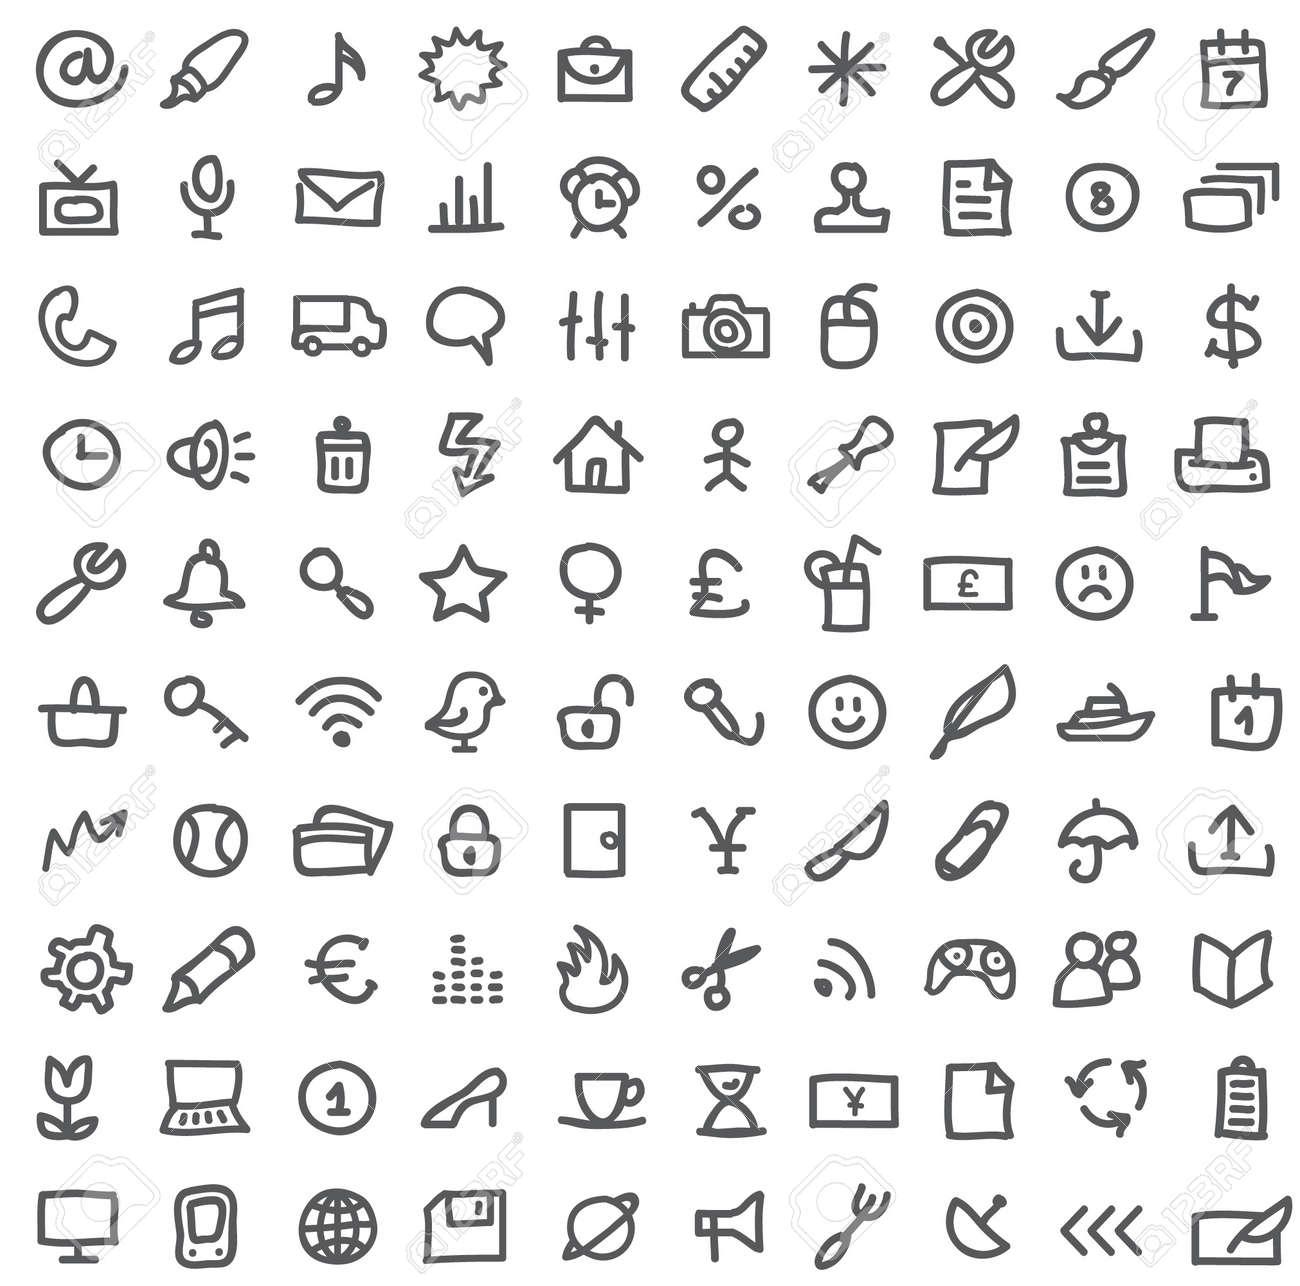 Einfache Symbole Auf Weiß Lizenzfrei Nutzbare Vektorgrafiken, Clip ...